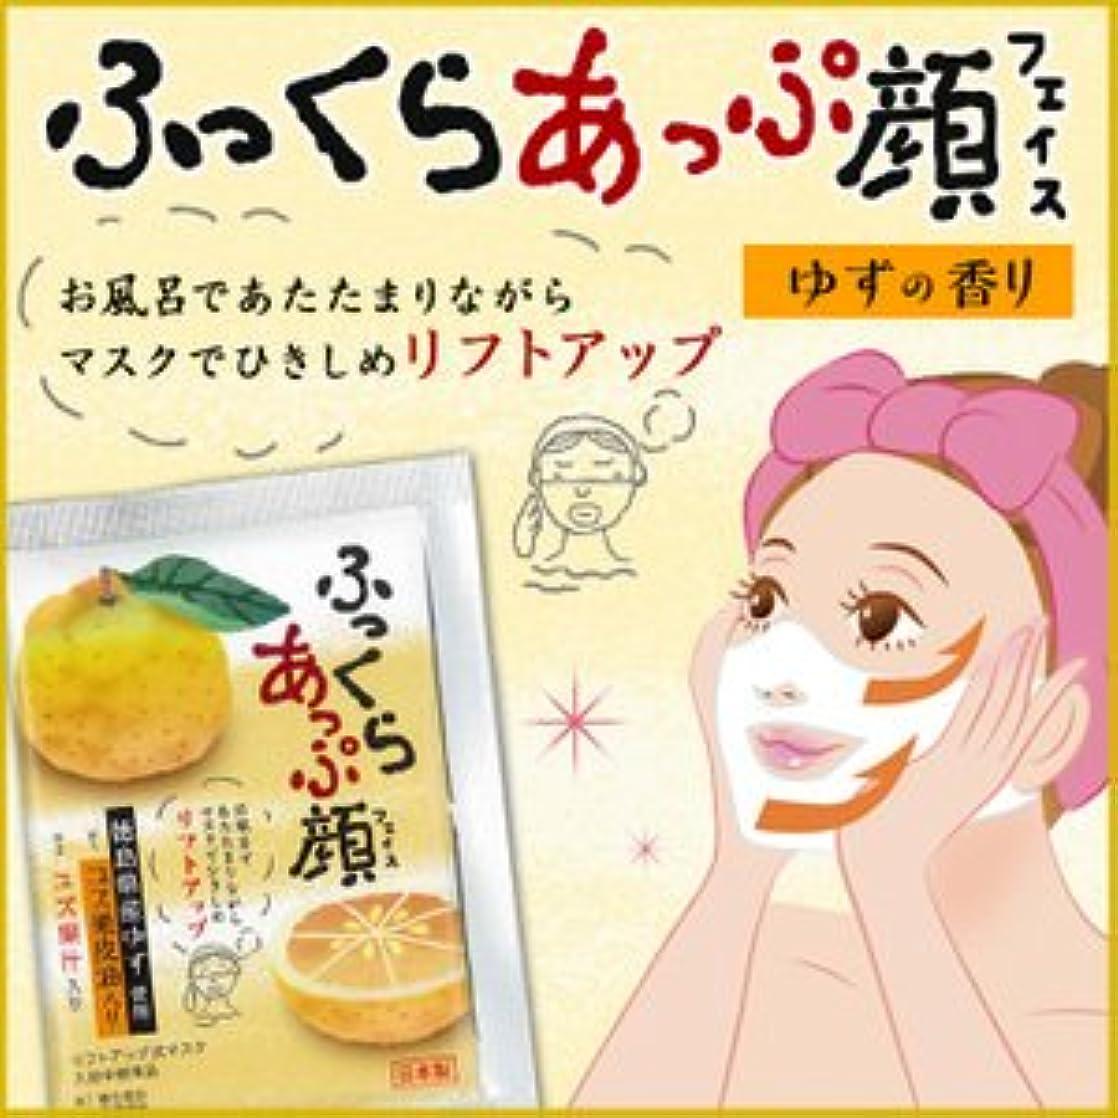 フォーマット比率ギャロップリフトアップ フェイスマスク ゆずの香り(20ml×1×7枚)